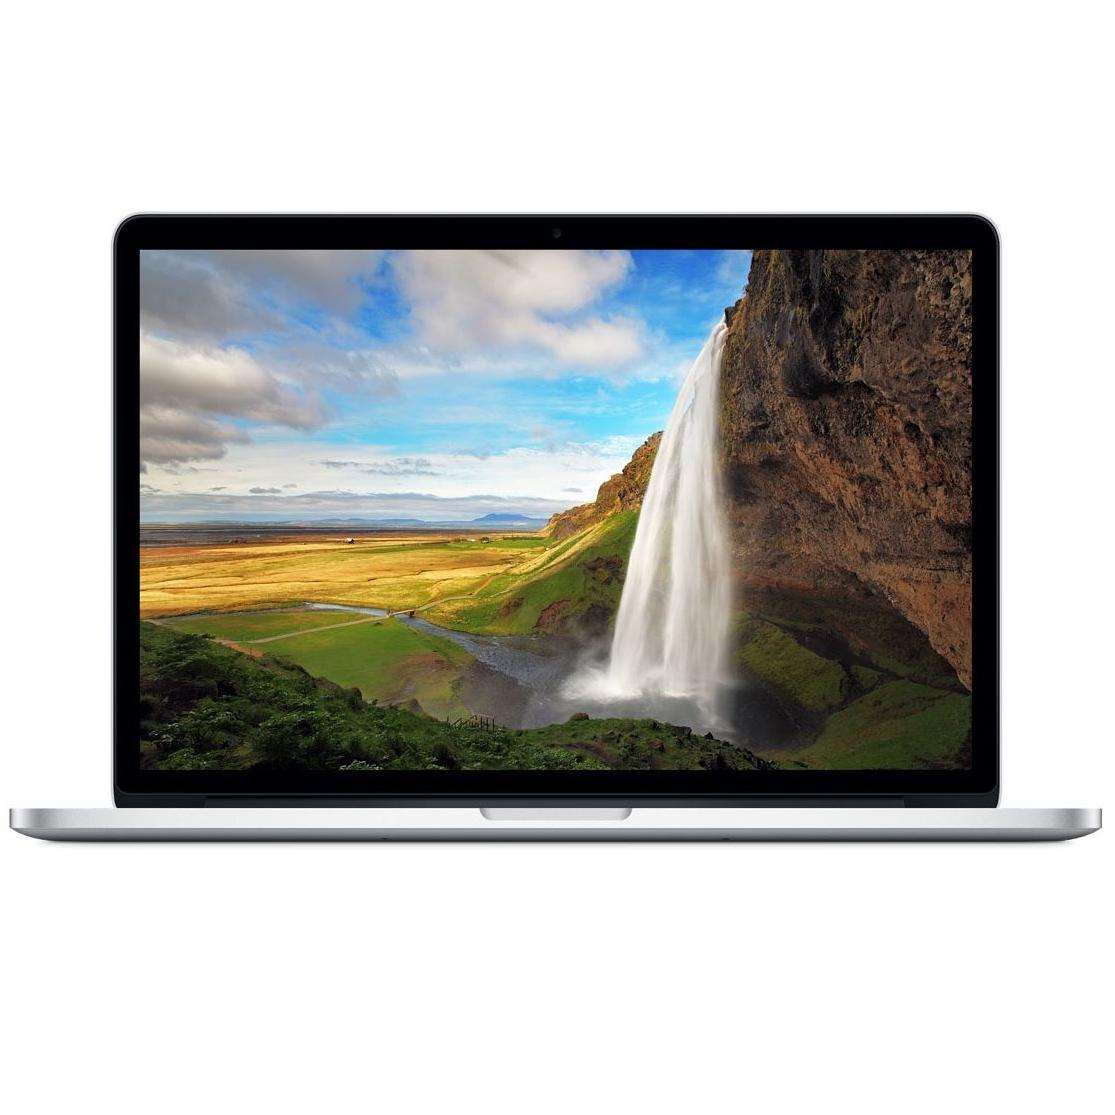 Macbook Pro Retina 15 inch 2015- MJLQ2 - I7/ 2.5/ 16/ 256GB / 99%